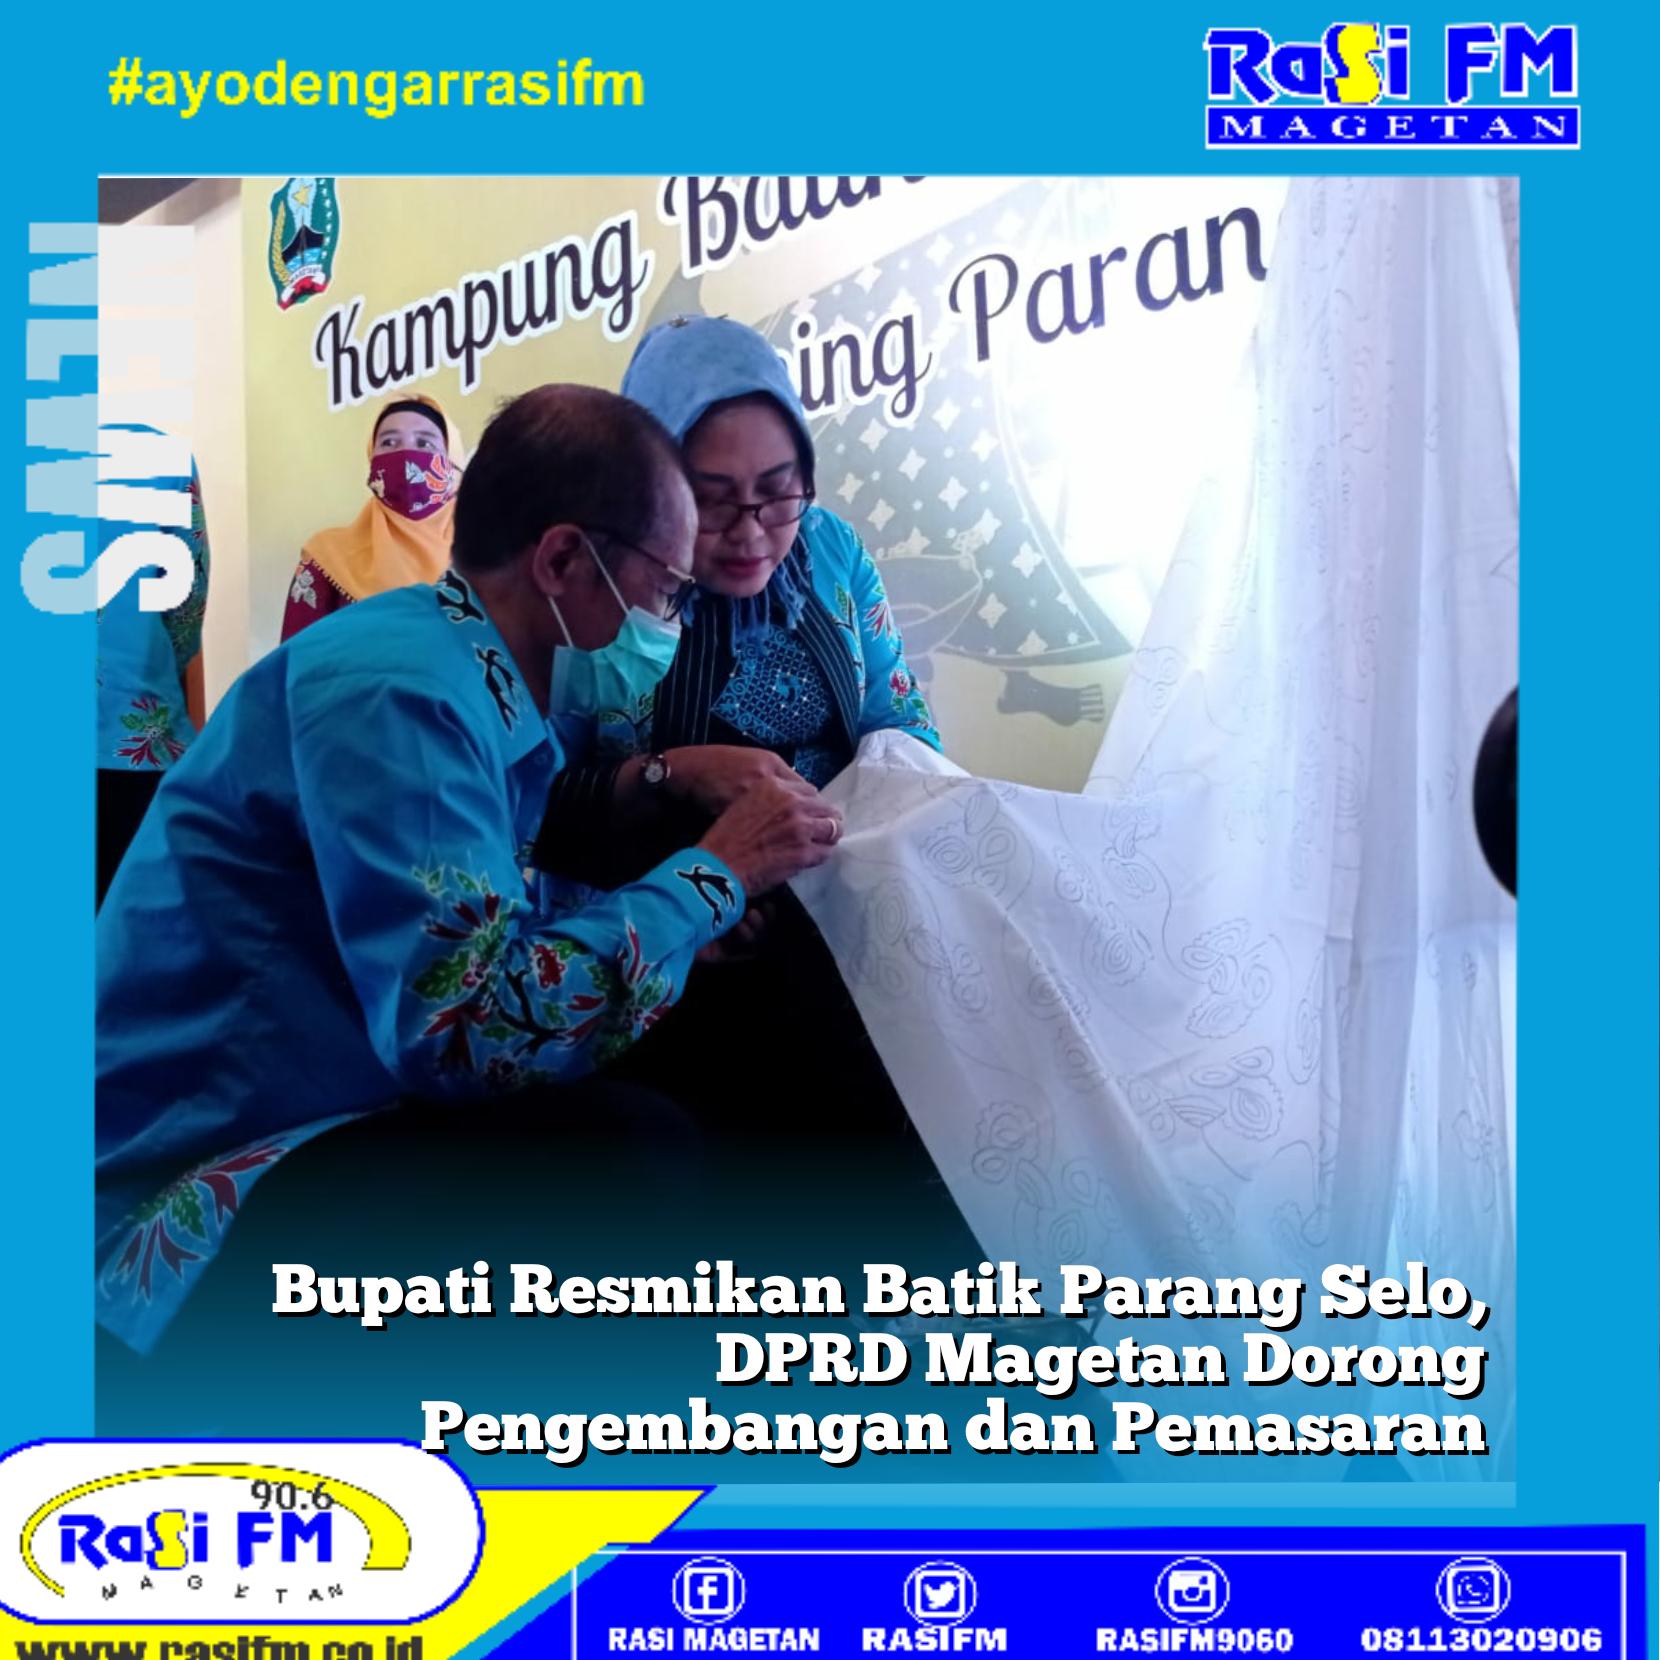 Bupati Resmikan Batik Parang Selo, DPRD Magetan Dorong Pengembangan dan Pemasaran